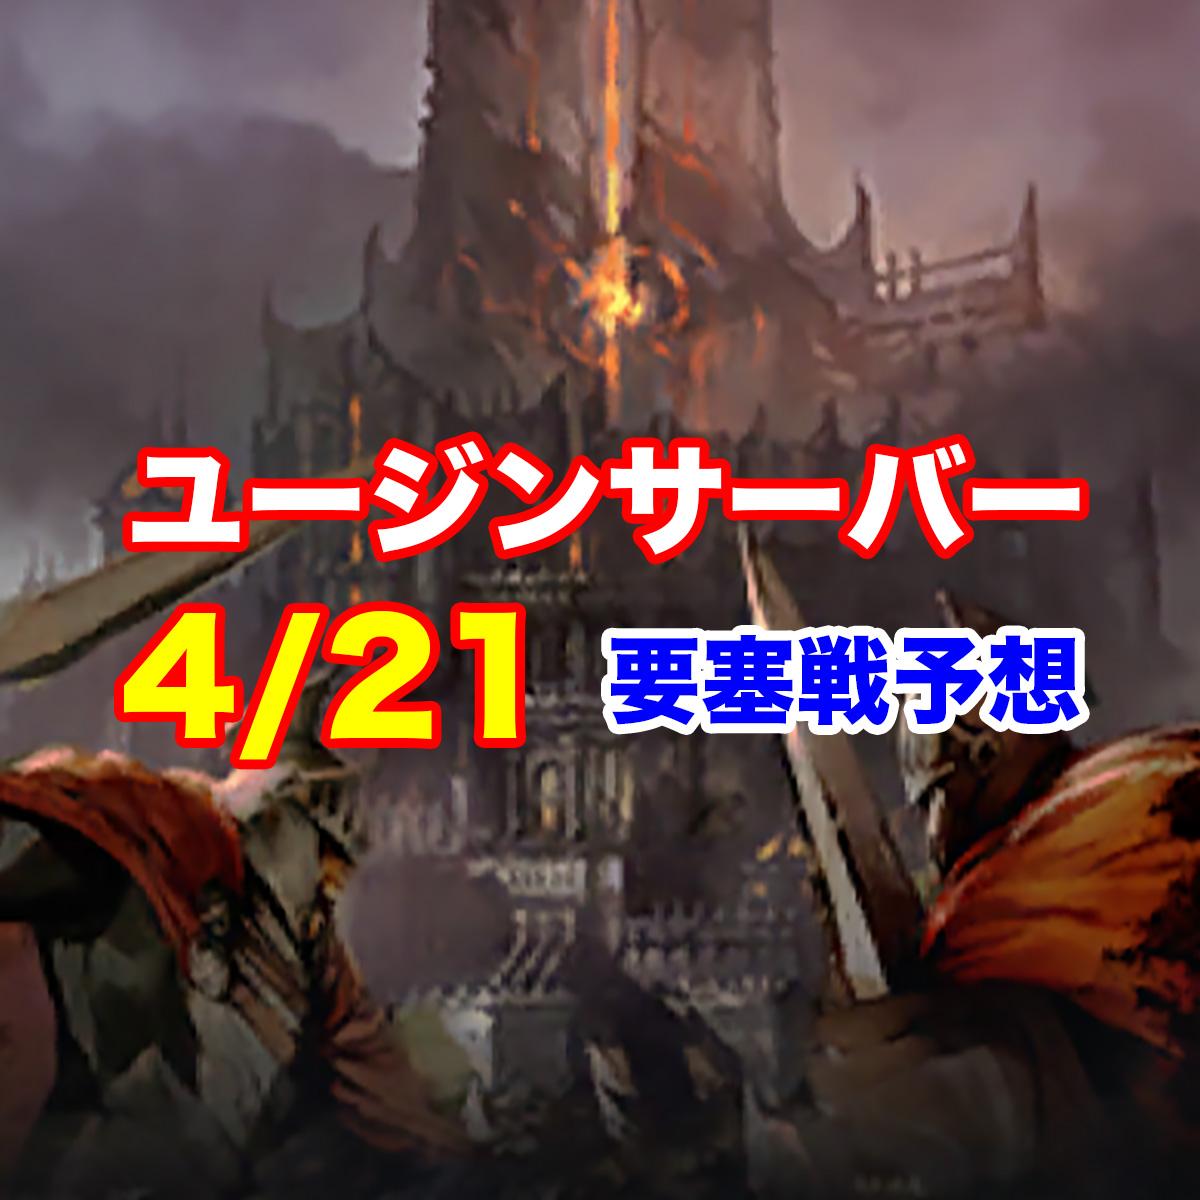 4/21 要塞戦予想